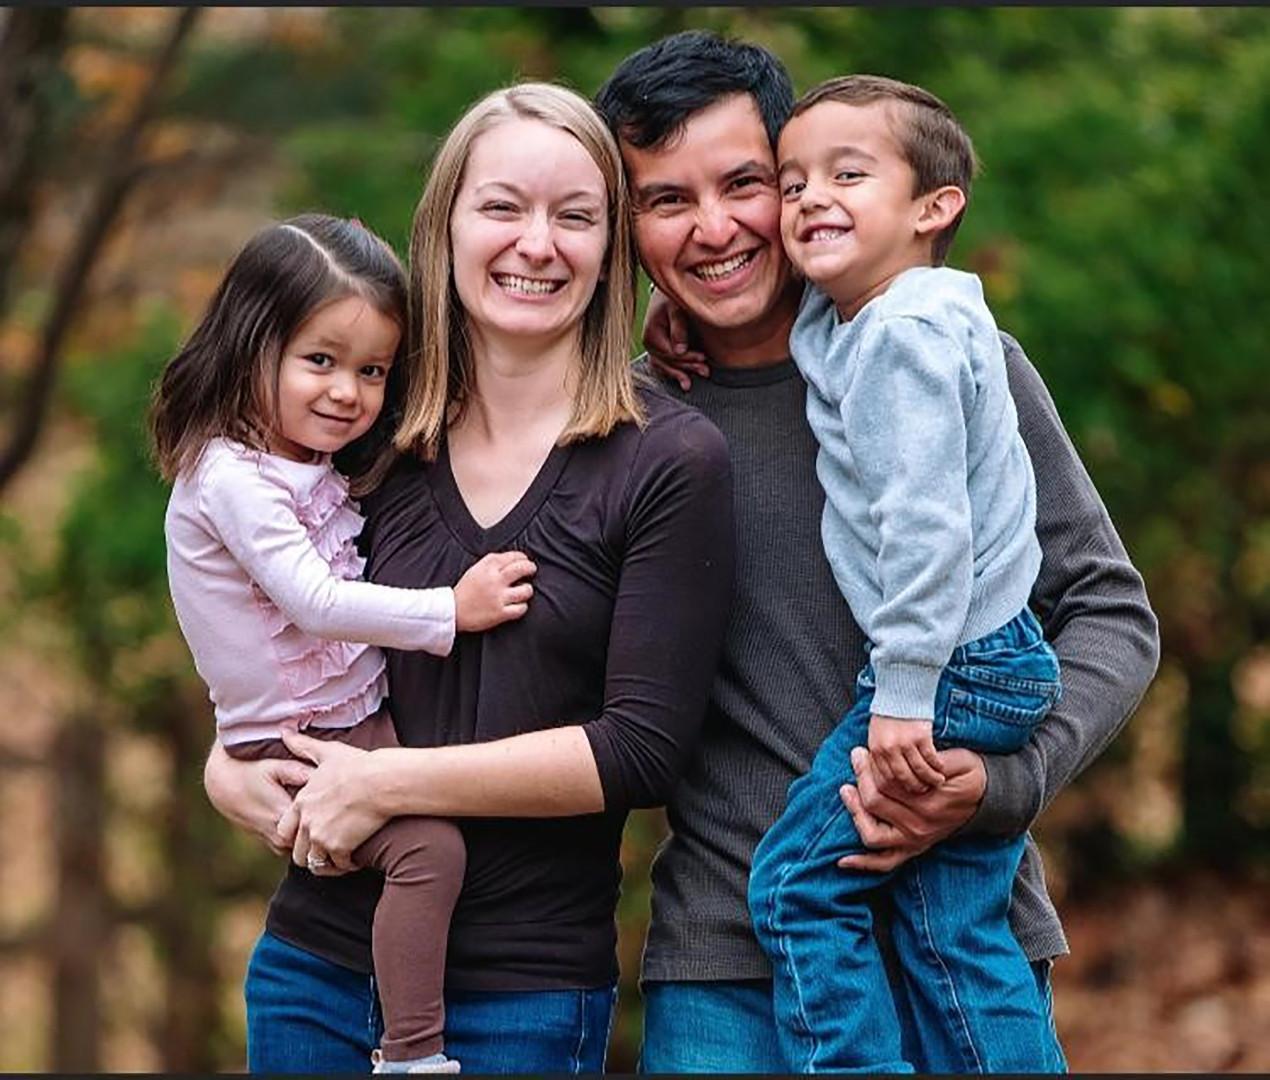 Marvin & Karen Family - 2013